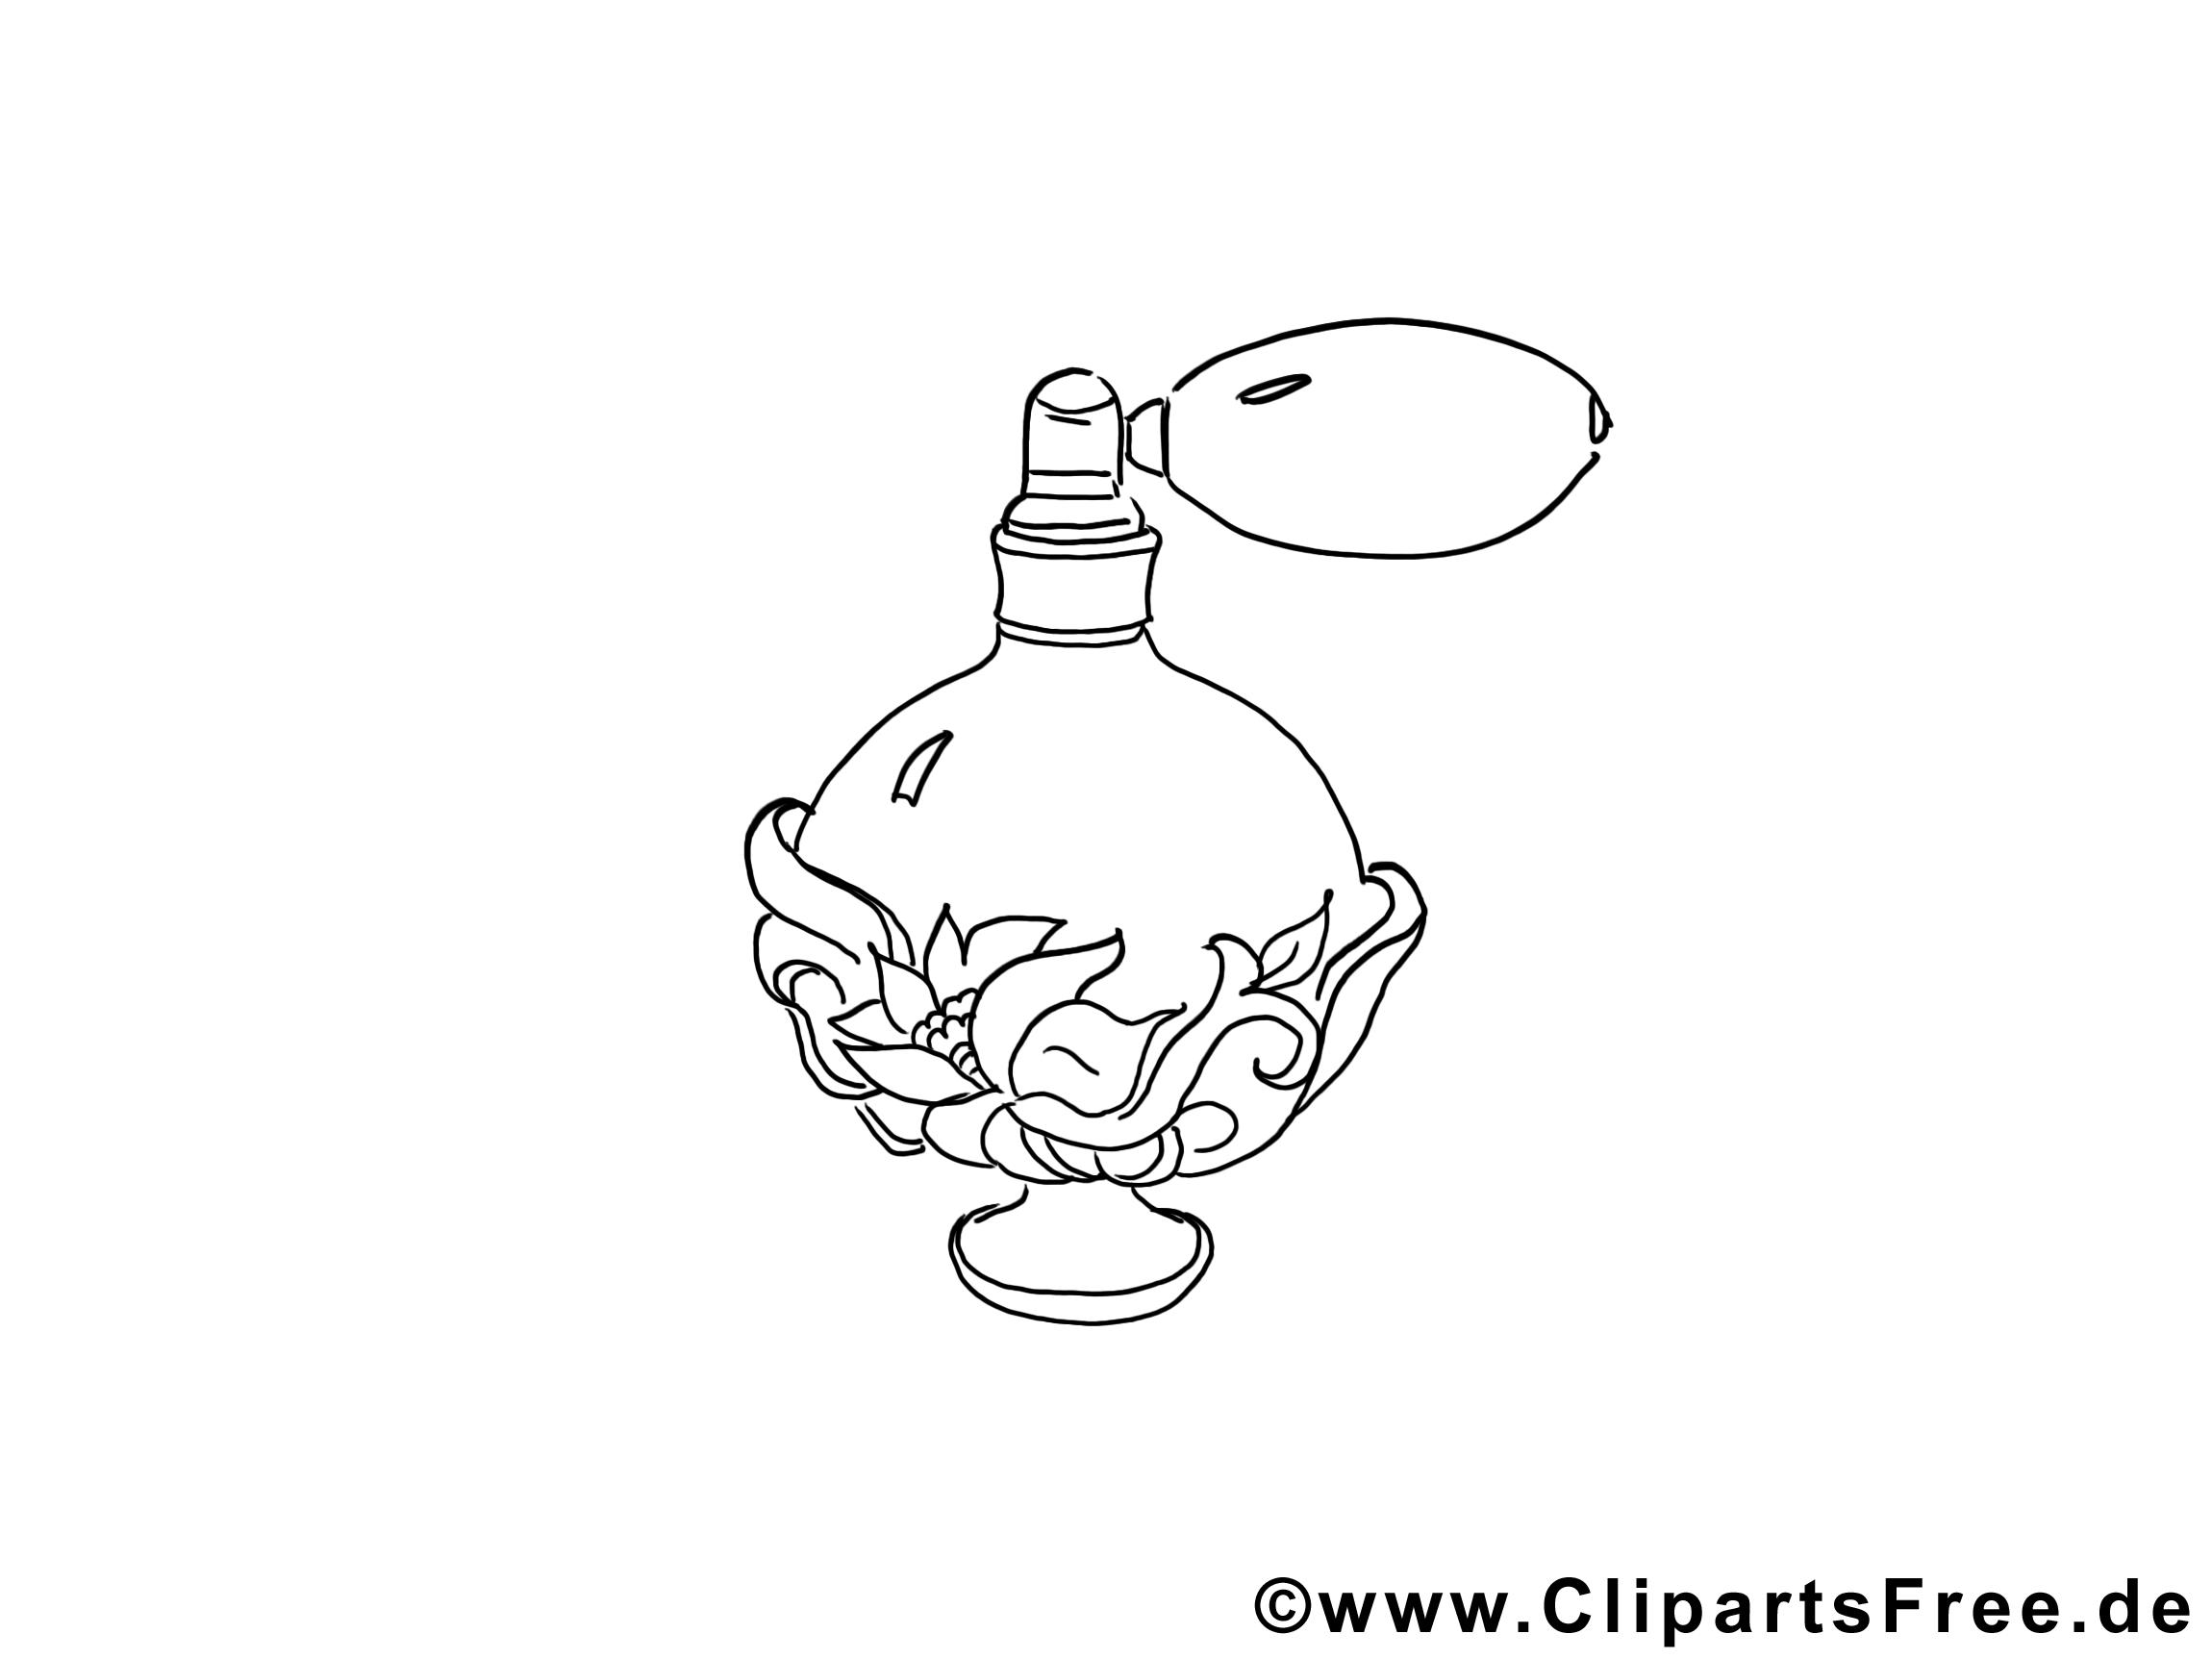 Parfum images – Divers gratuit à imprimer